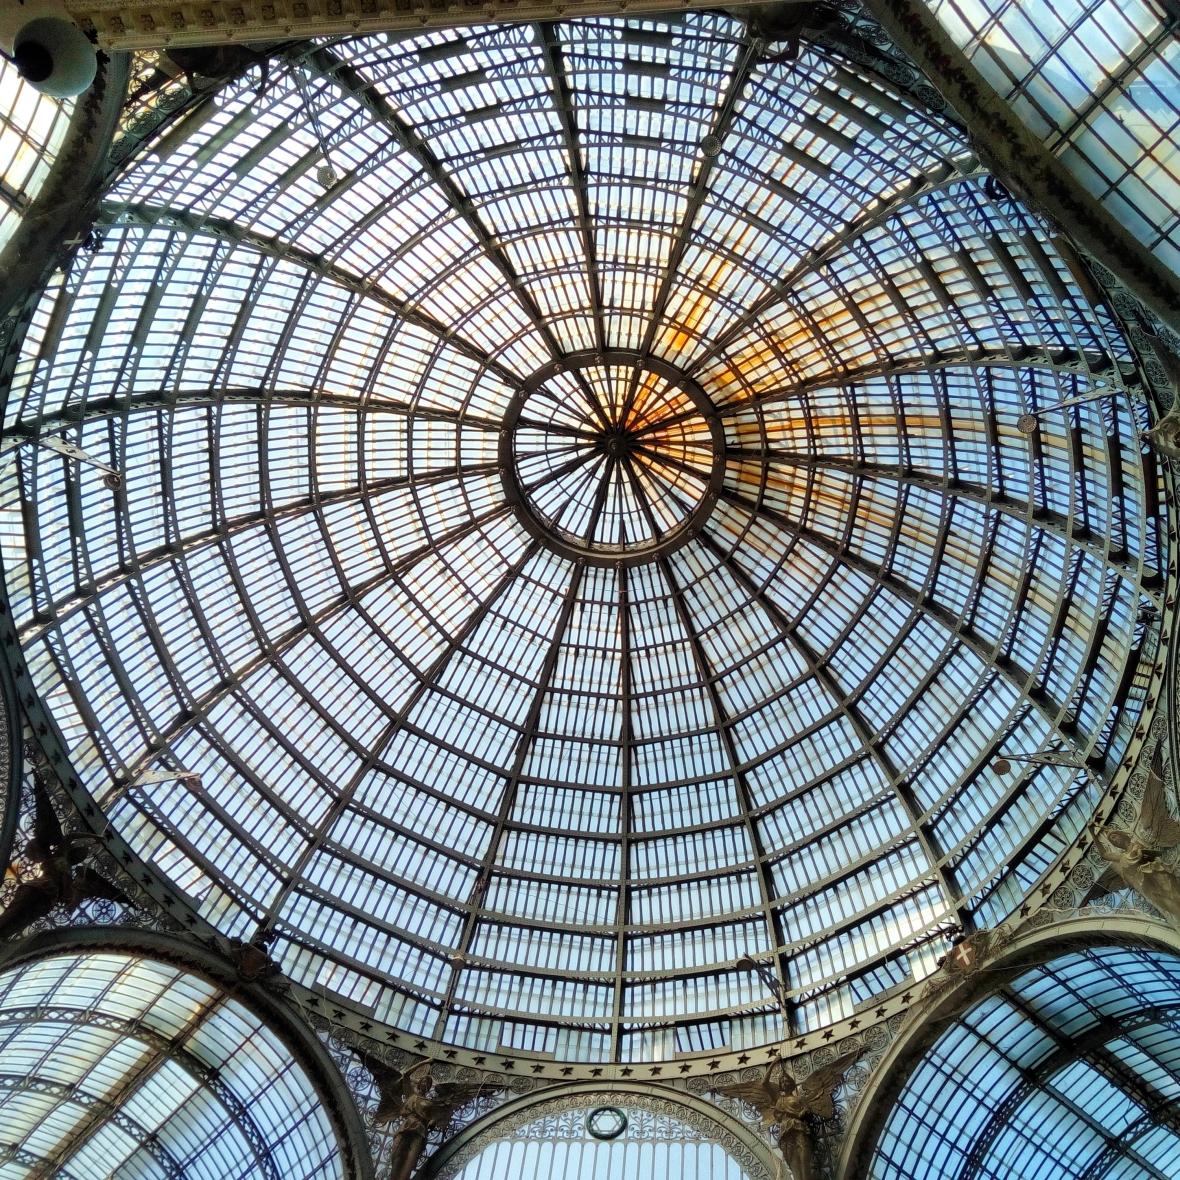 Naples - Umberto l Gallery